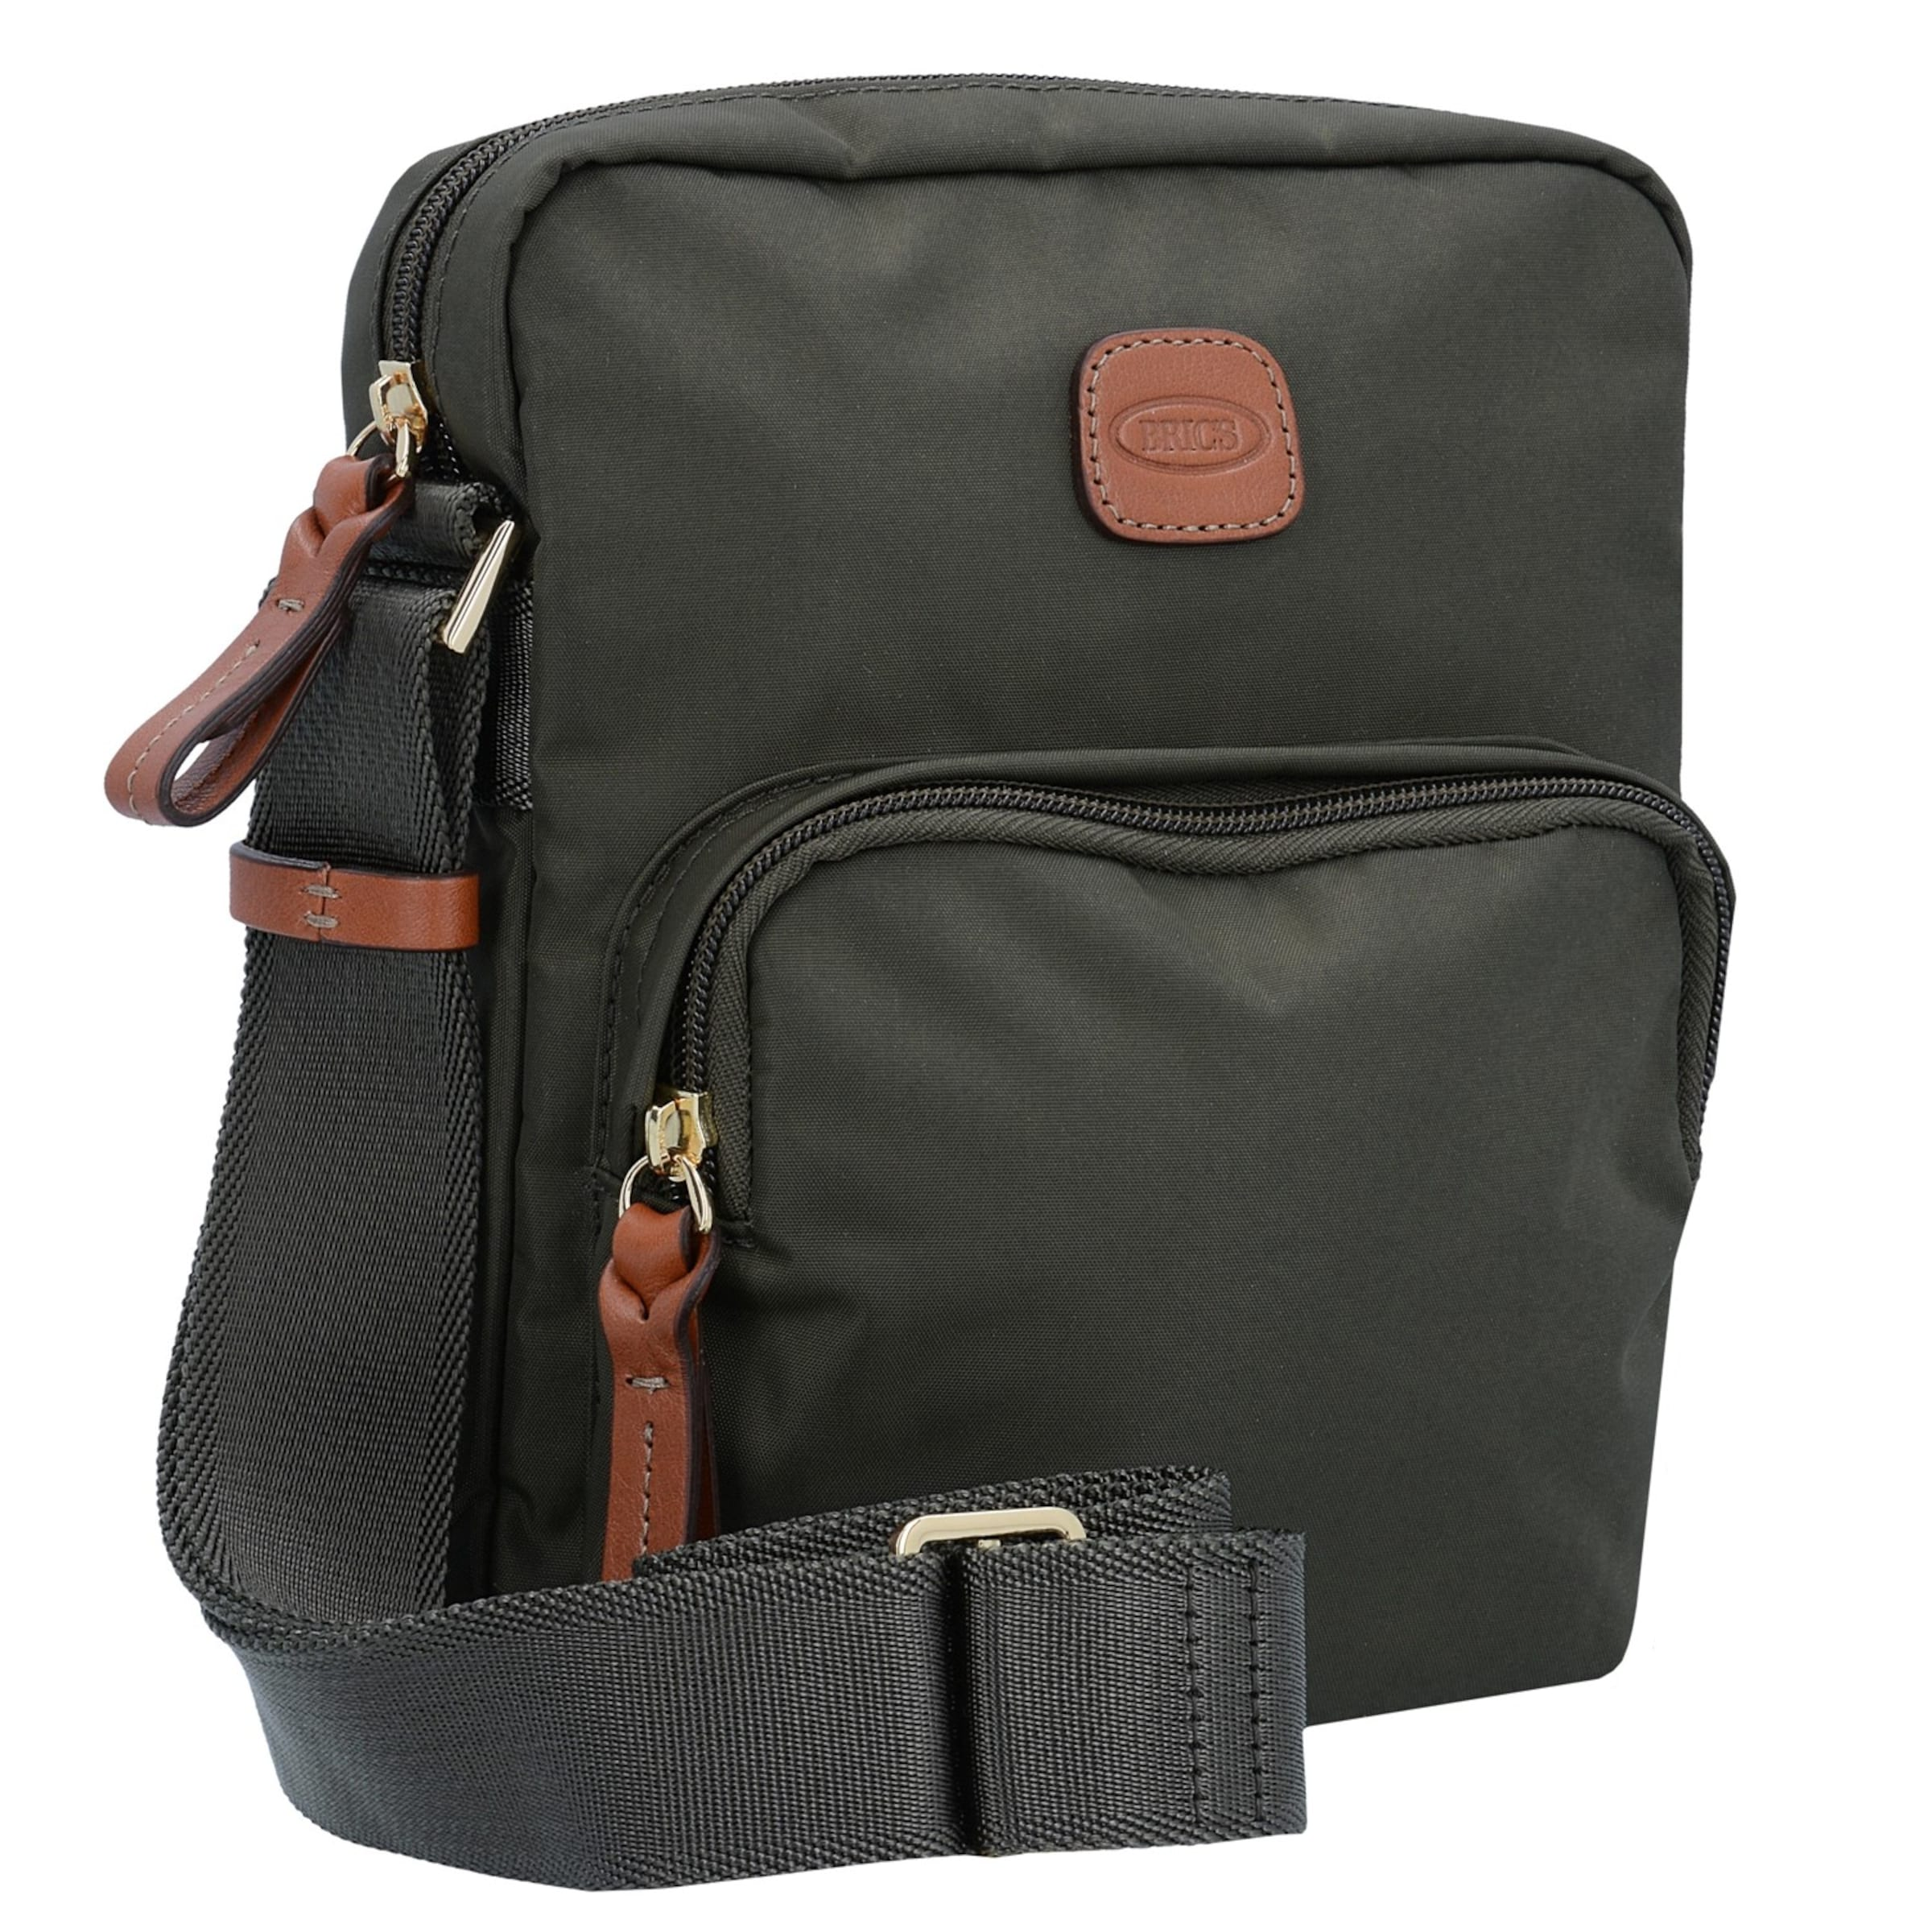 Verkaufsschlager Bric's X-Bag Umhängetasche 17 cm Spielraum Günstigsten Preis Günstig Kaufen Billig Spielraum Online Freies Verschiffen Vermarktbare wLMFJAjIl